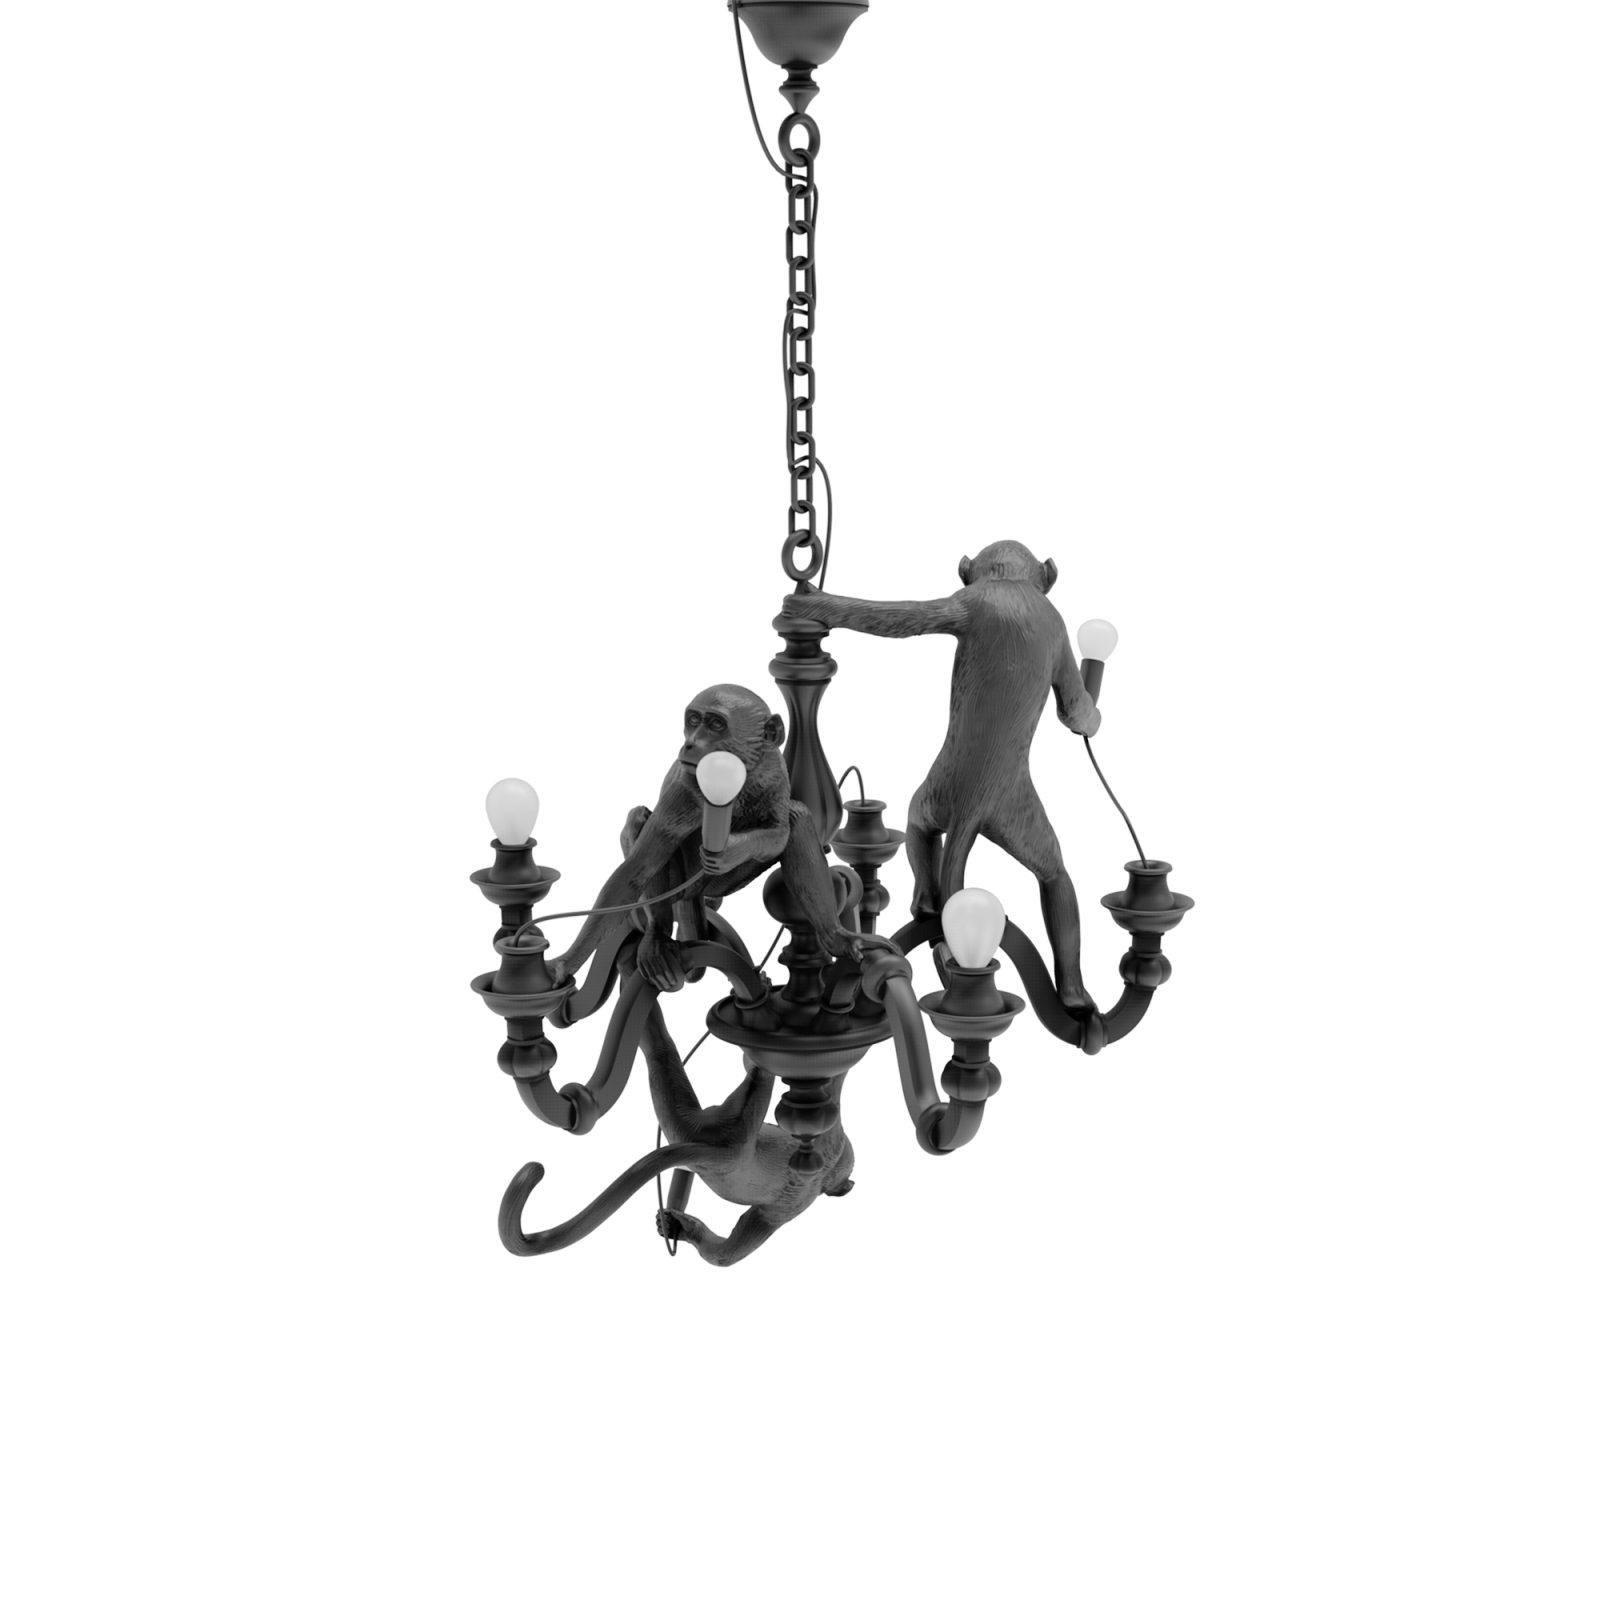 seletti-monkey-chandelier-gessato-10